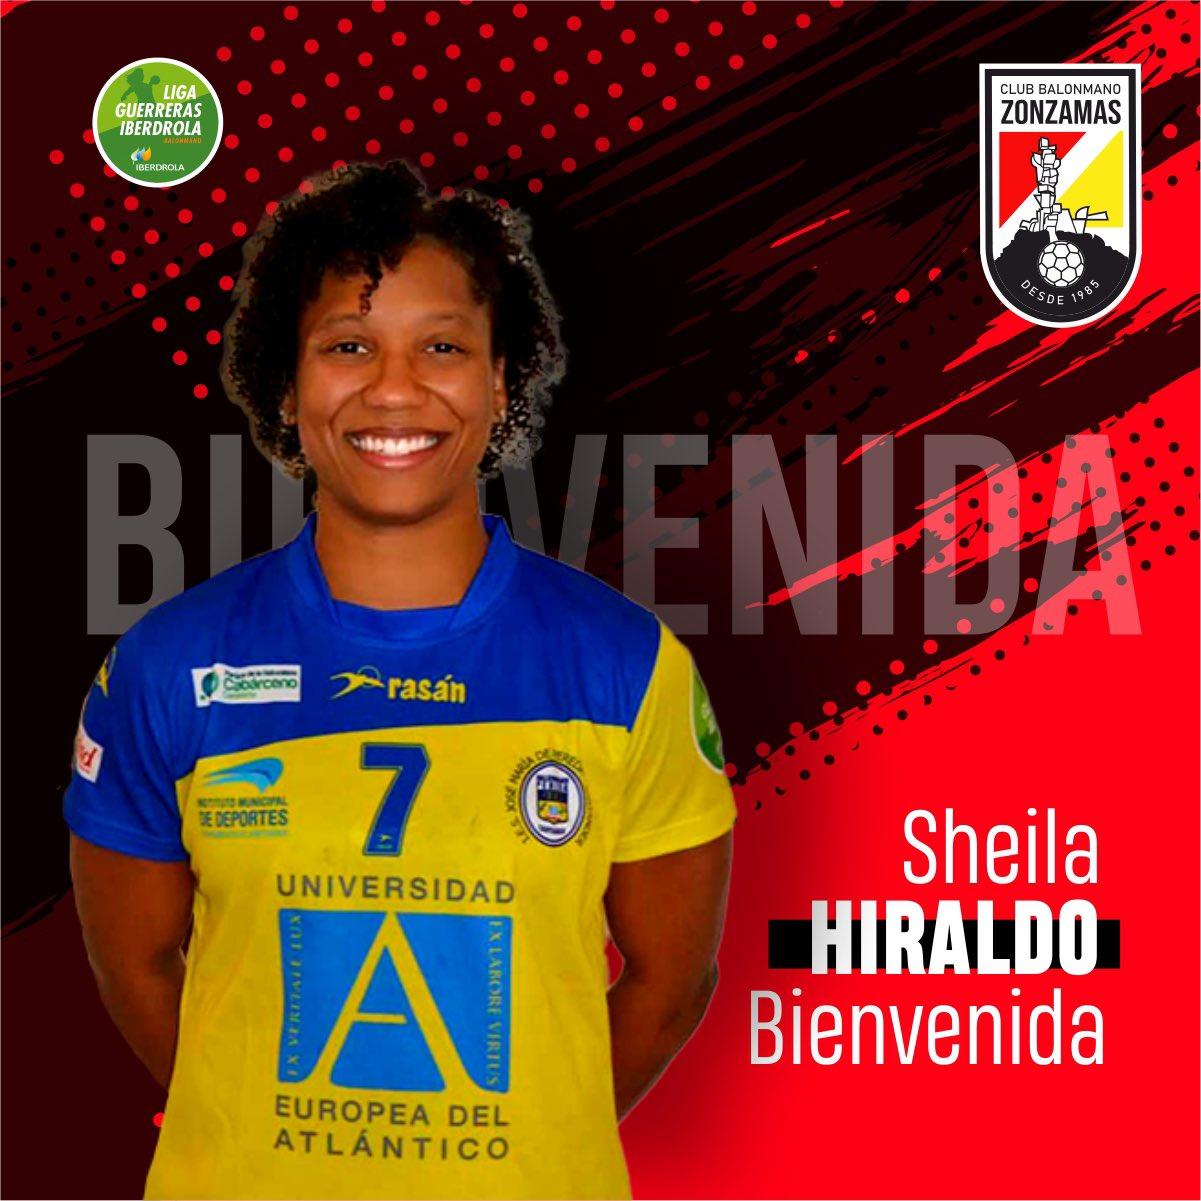 El CB Zonzamas refuerza su primera línea con el fichaje de Sheila Hiraldo